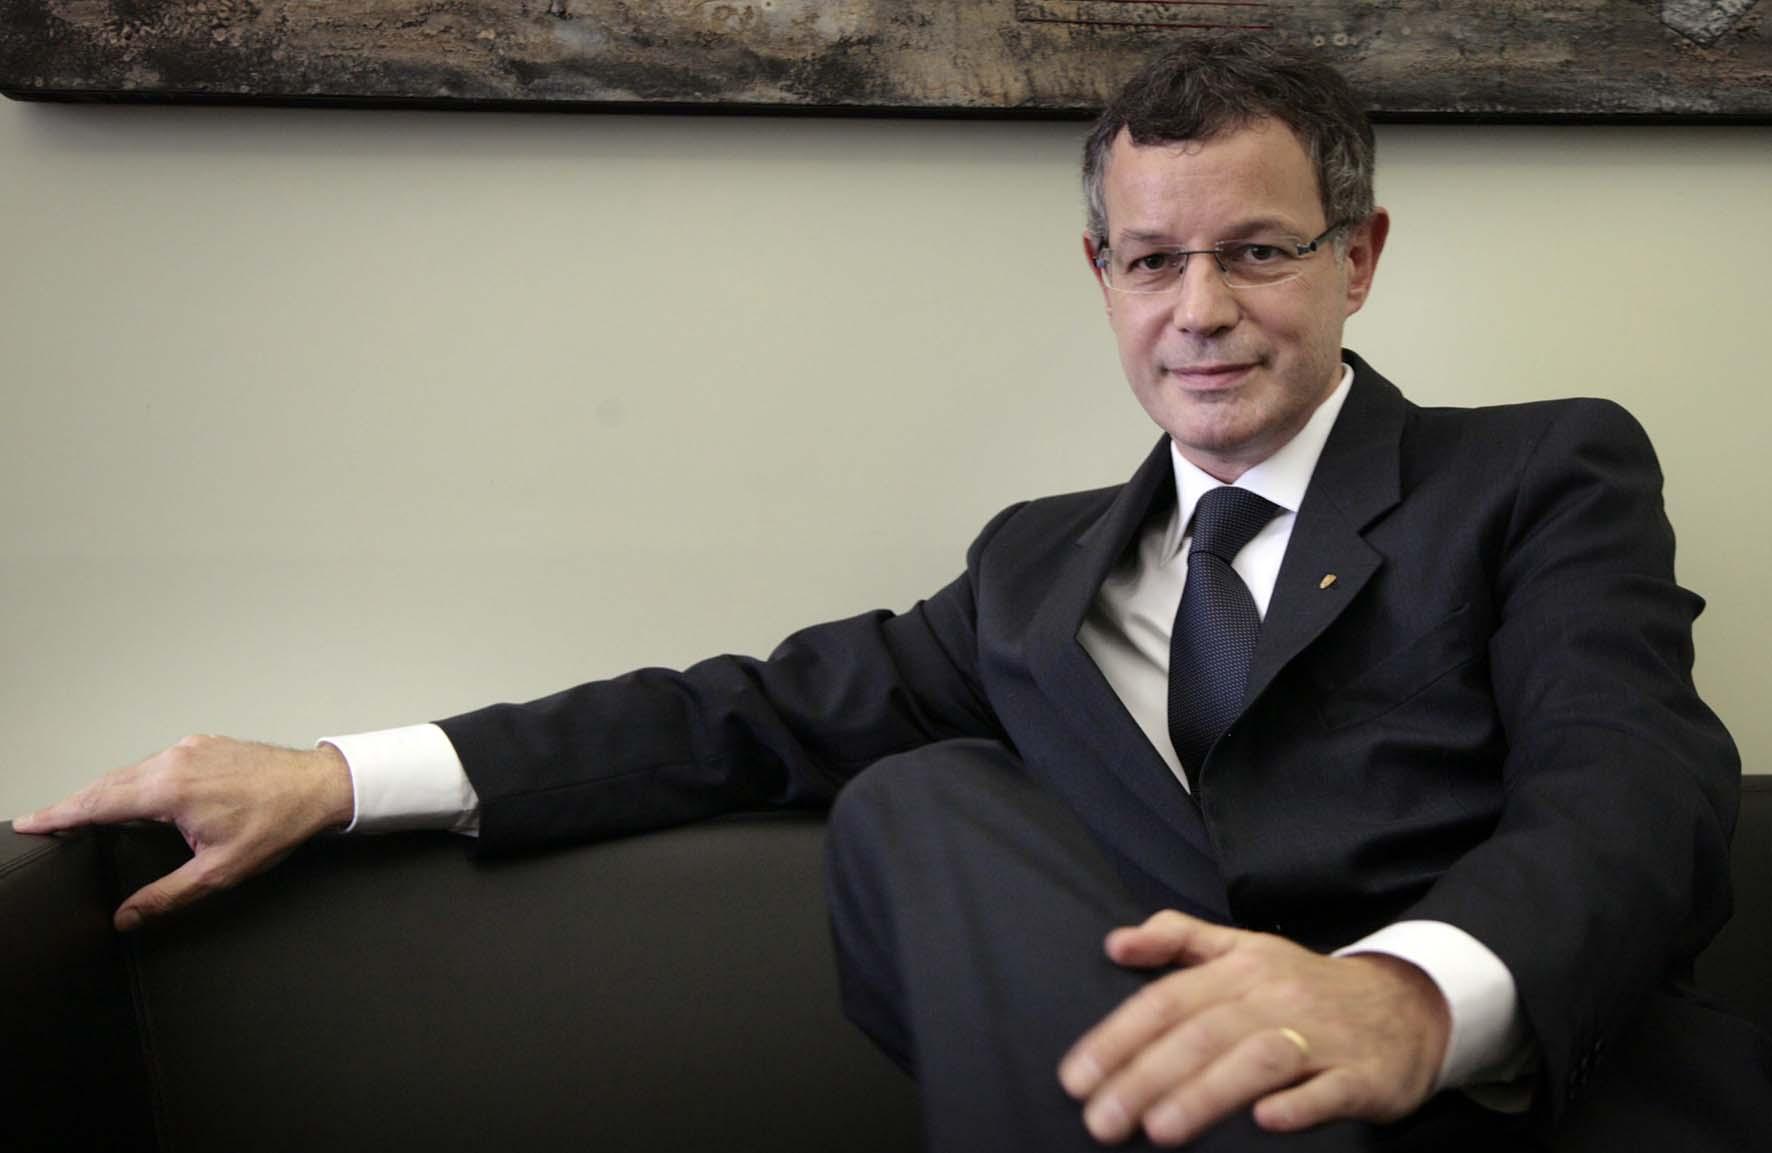 Vescovi Luciano nuovo presidnete confindustria vicenza 2